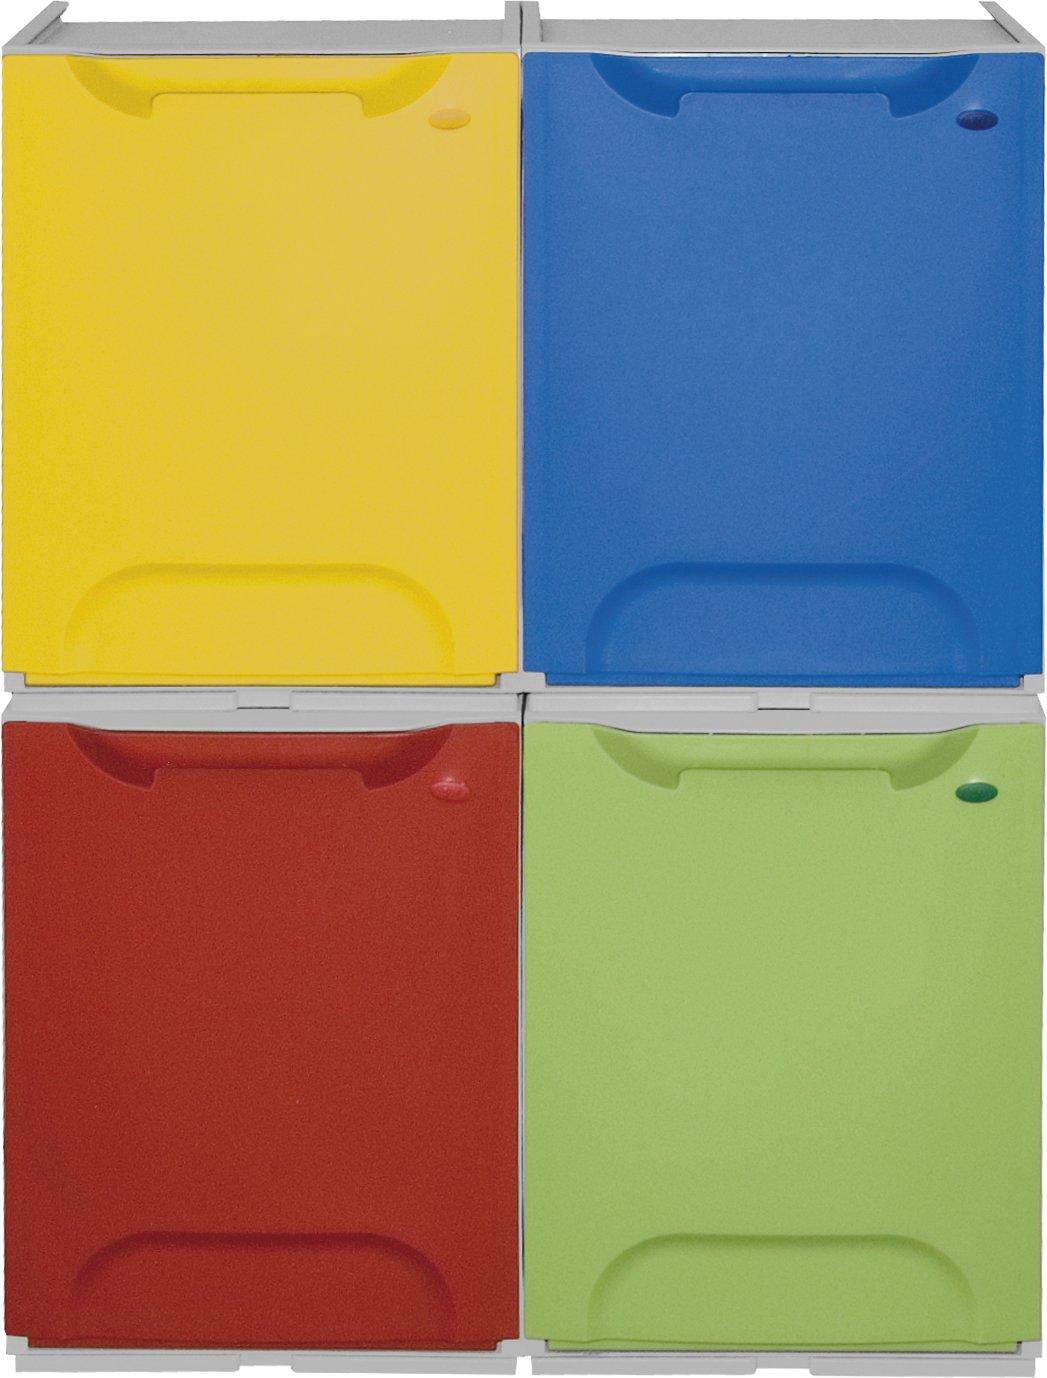 Art Plast R34/1R Cassonetto per la raccolta differenziata in plastica, Rojo/Blanco